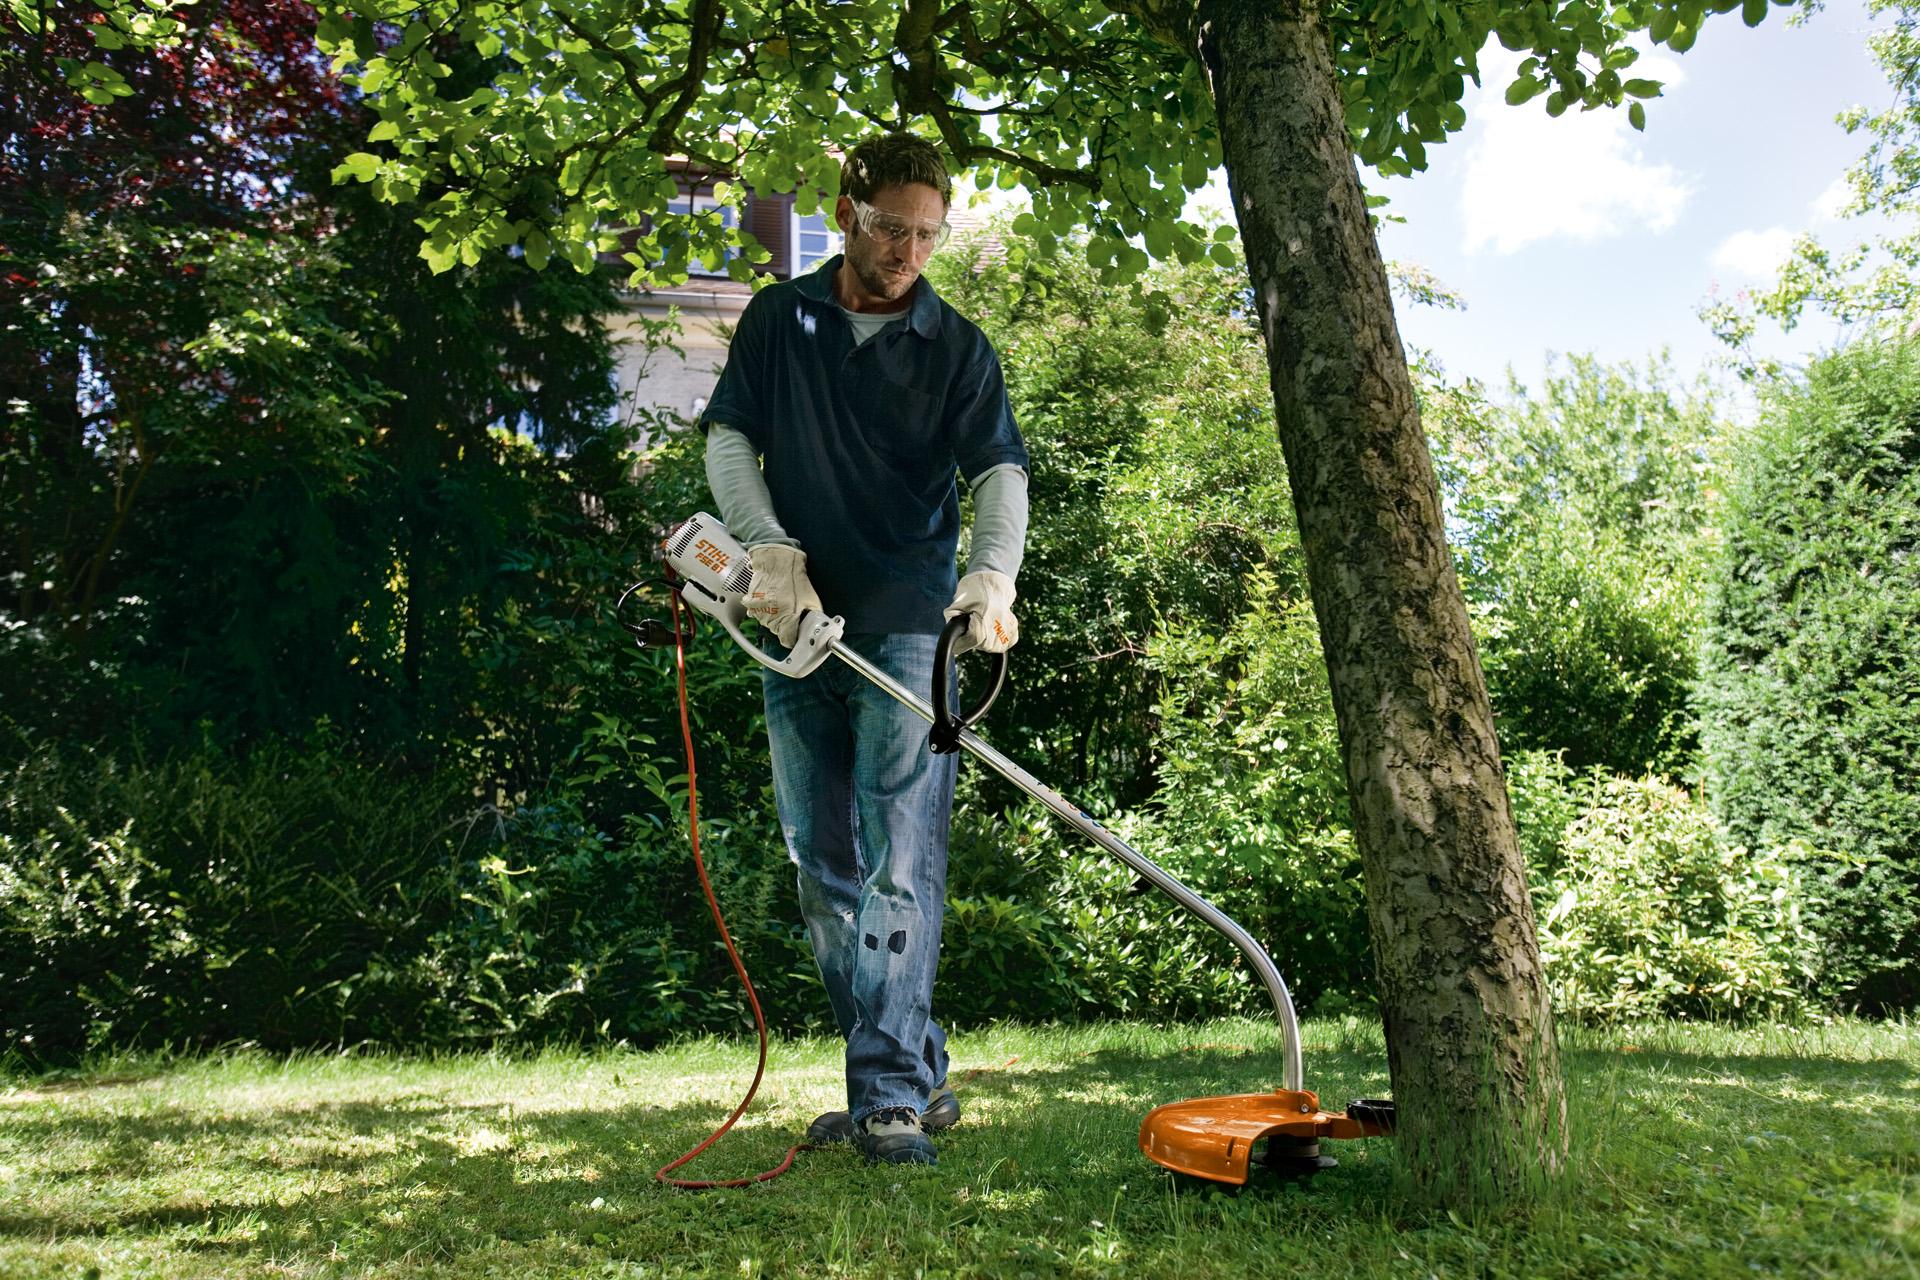 כלי גינון לכיסוח עשבים